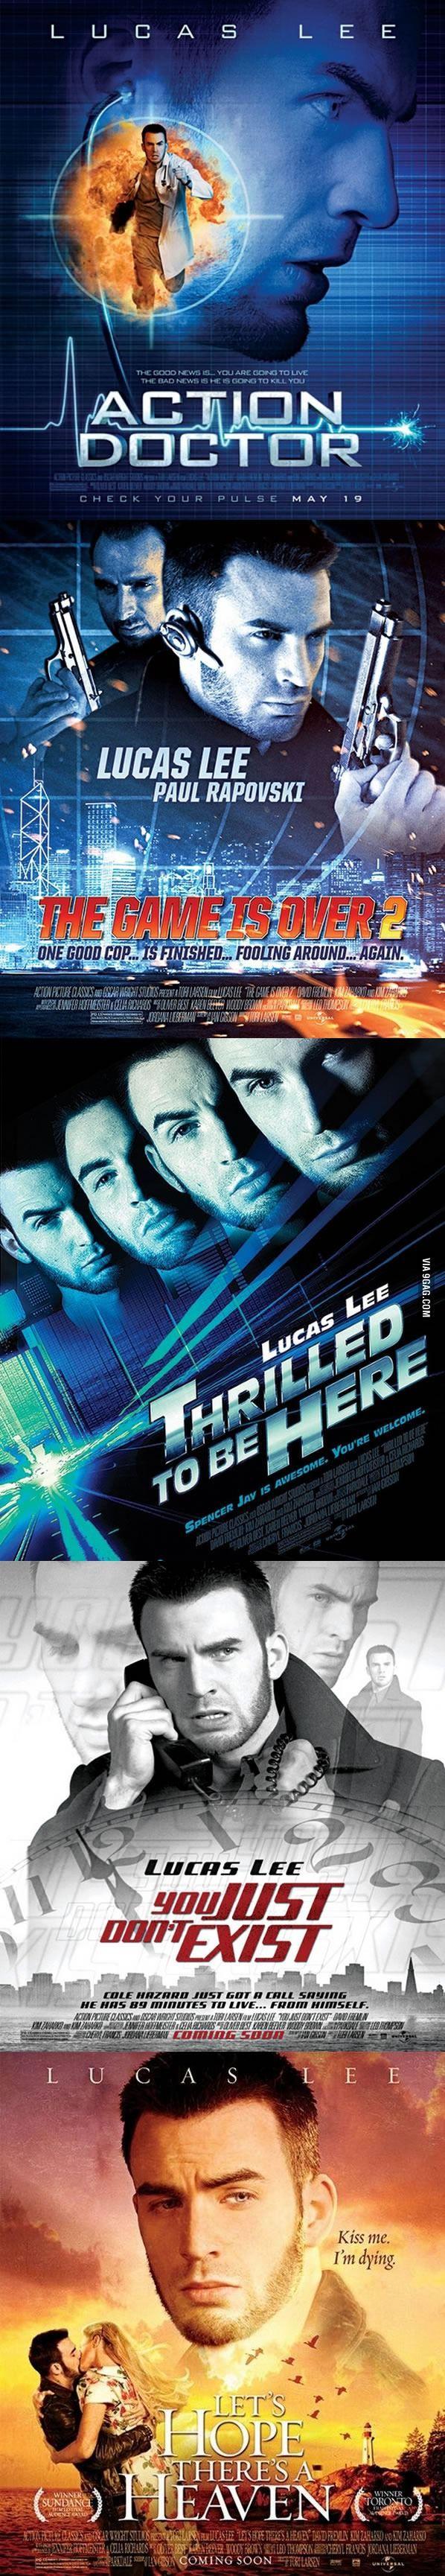 Fake Movie Posters from Scott Pilgrim vs. the World starring Chris Evans